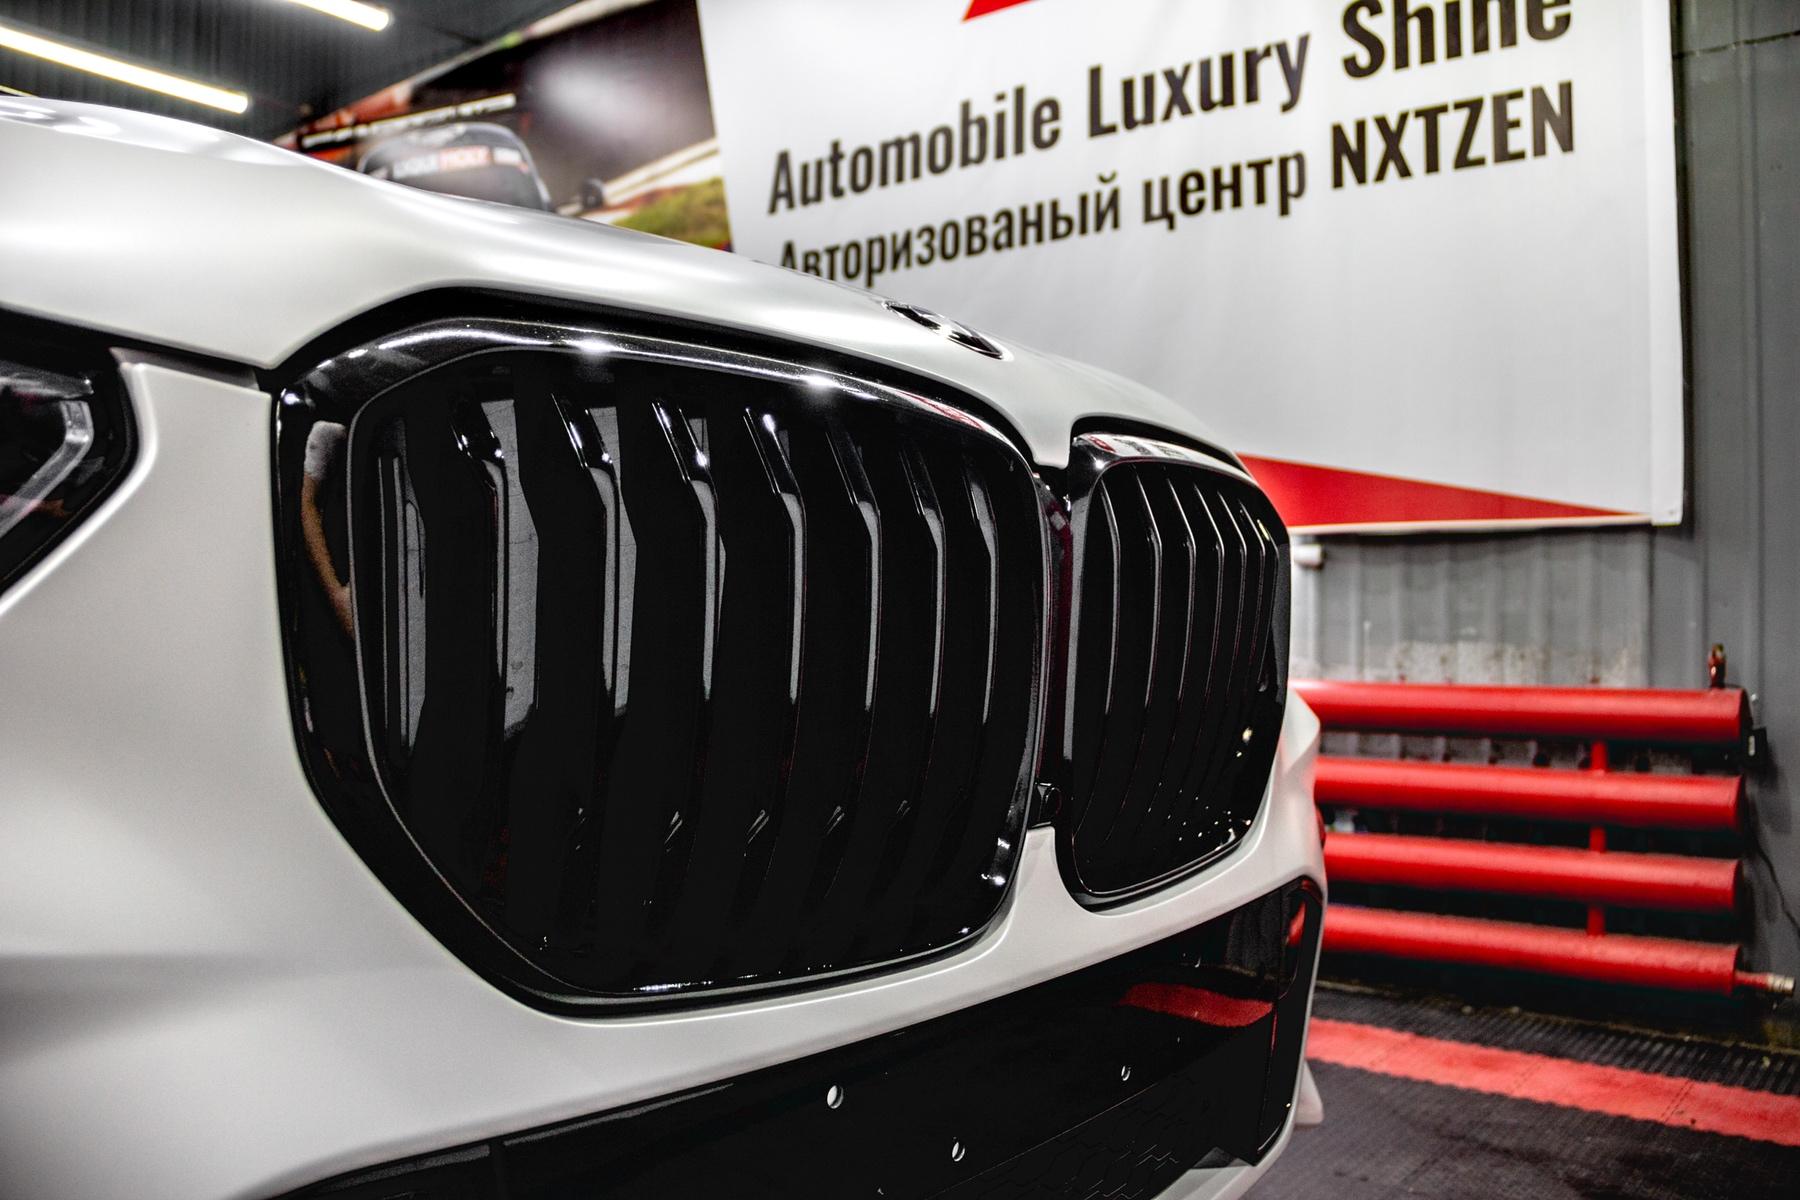 Детейлинг перламутрового BMW X5 - радиаторная решетка